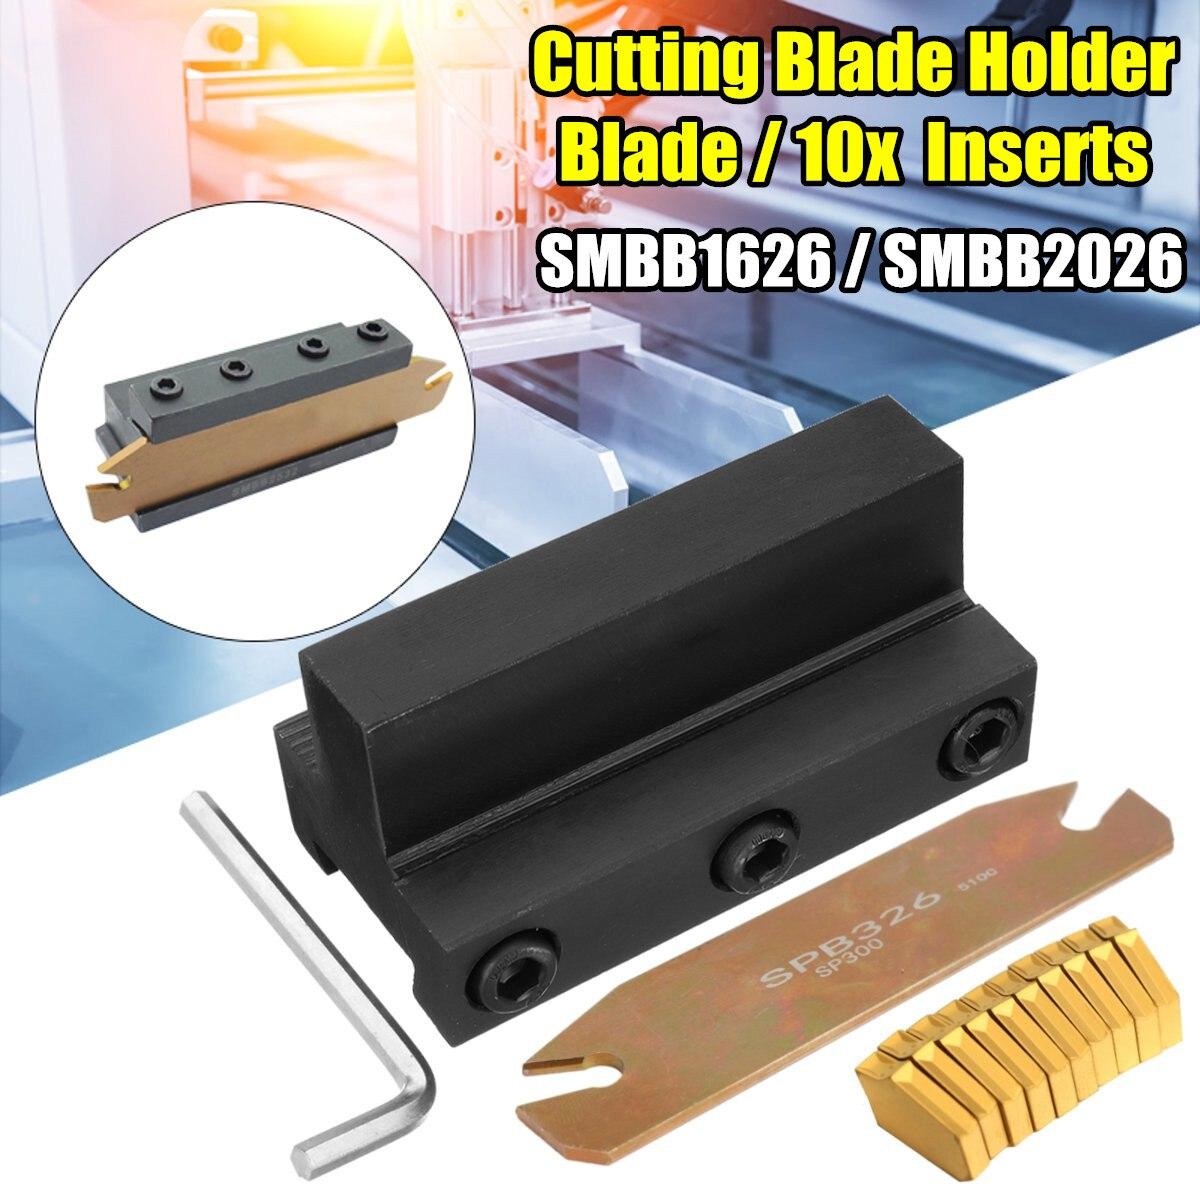 SMBB1626 / SMBB2026 SPB26 -3 Cutting Blade Holder+Cut-Off Cutter Blade Inserts For GTN-3